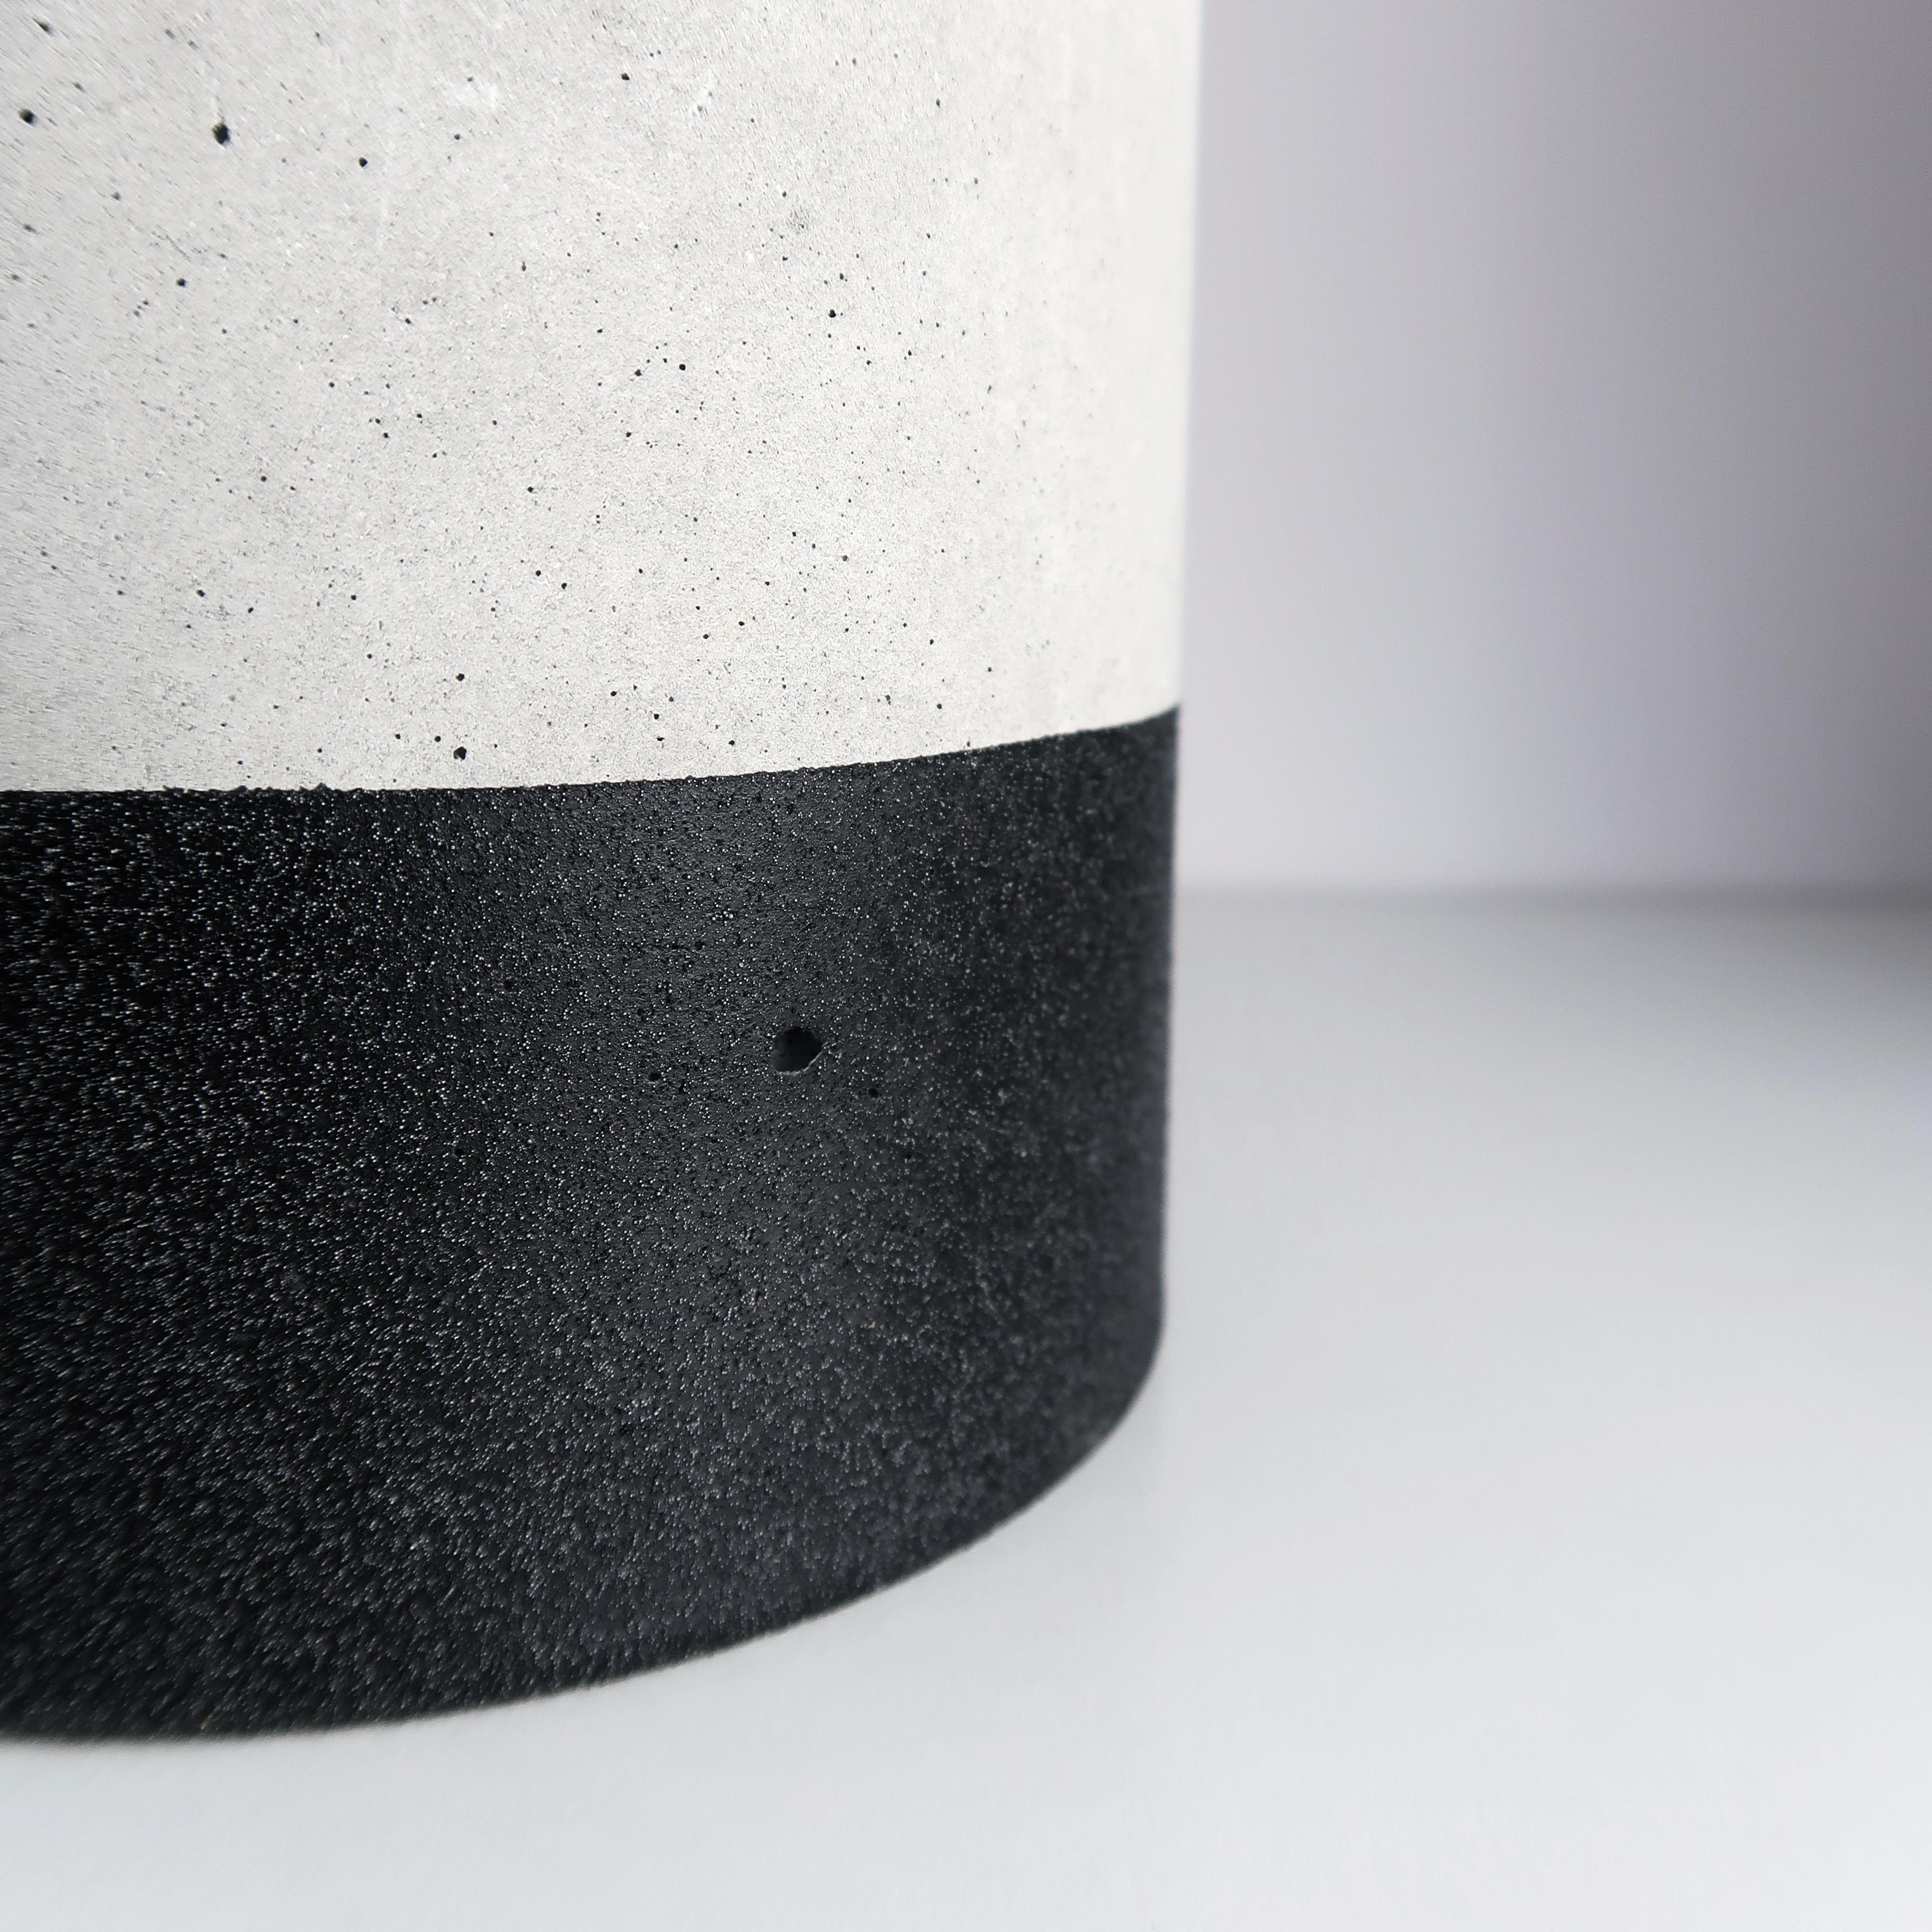 黑隕石深圓水泥盆器 - 細節紋理